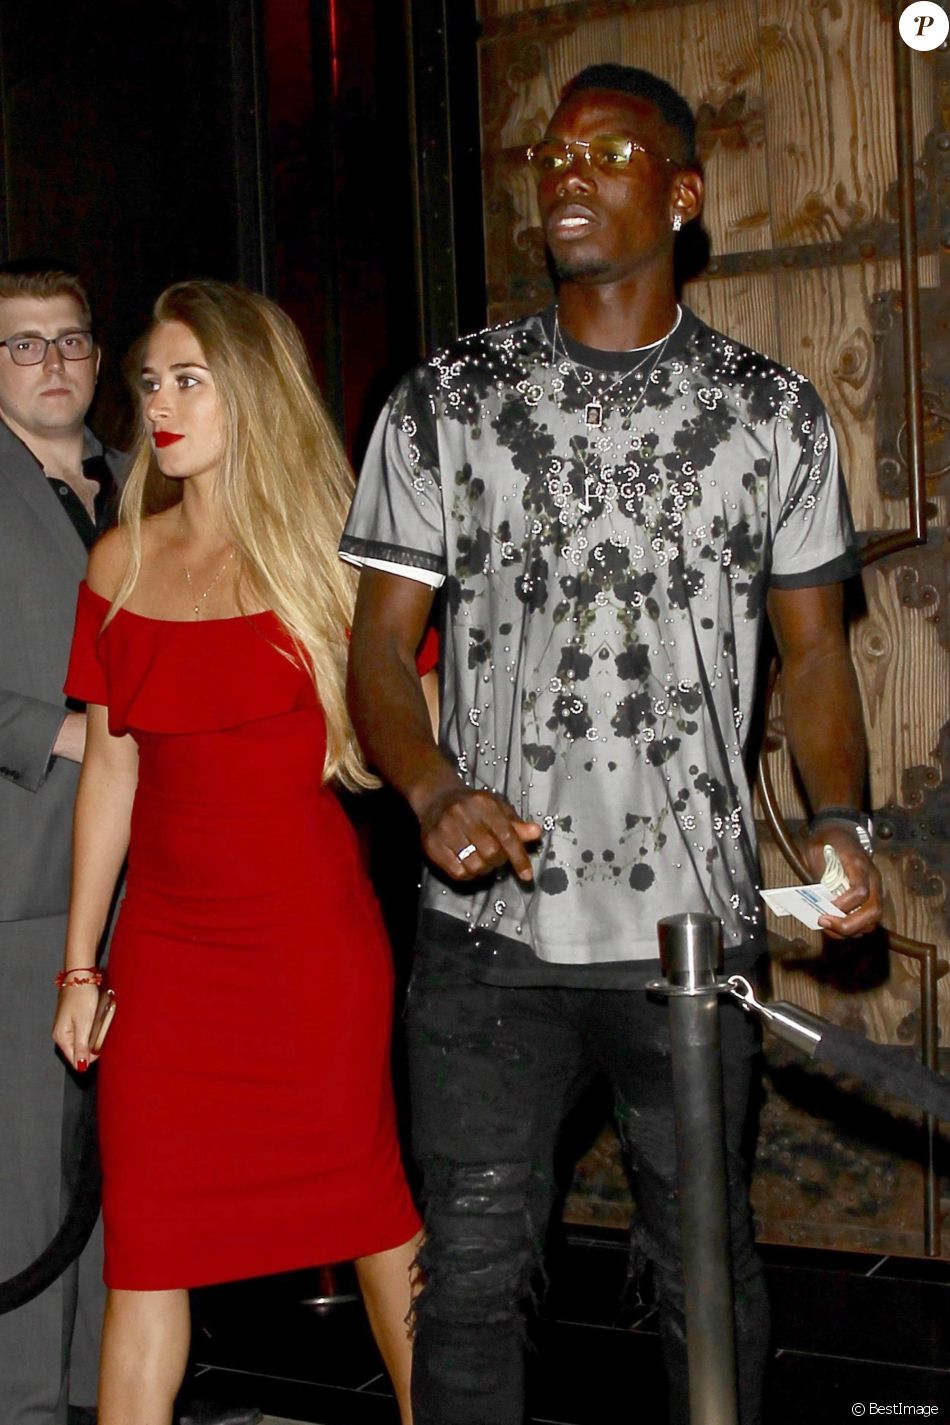 Exclusif  - Le joueur de football international français Paul Pogba (Manchester United) est allé diner en amoureux avec sa nouvelle compagne au restaurant TAO à Hollywood, le 7 juillet 2017.